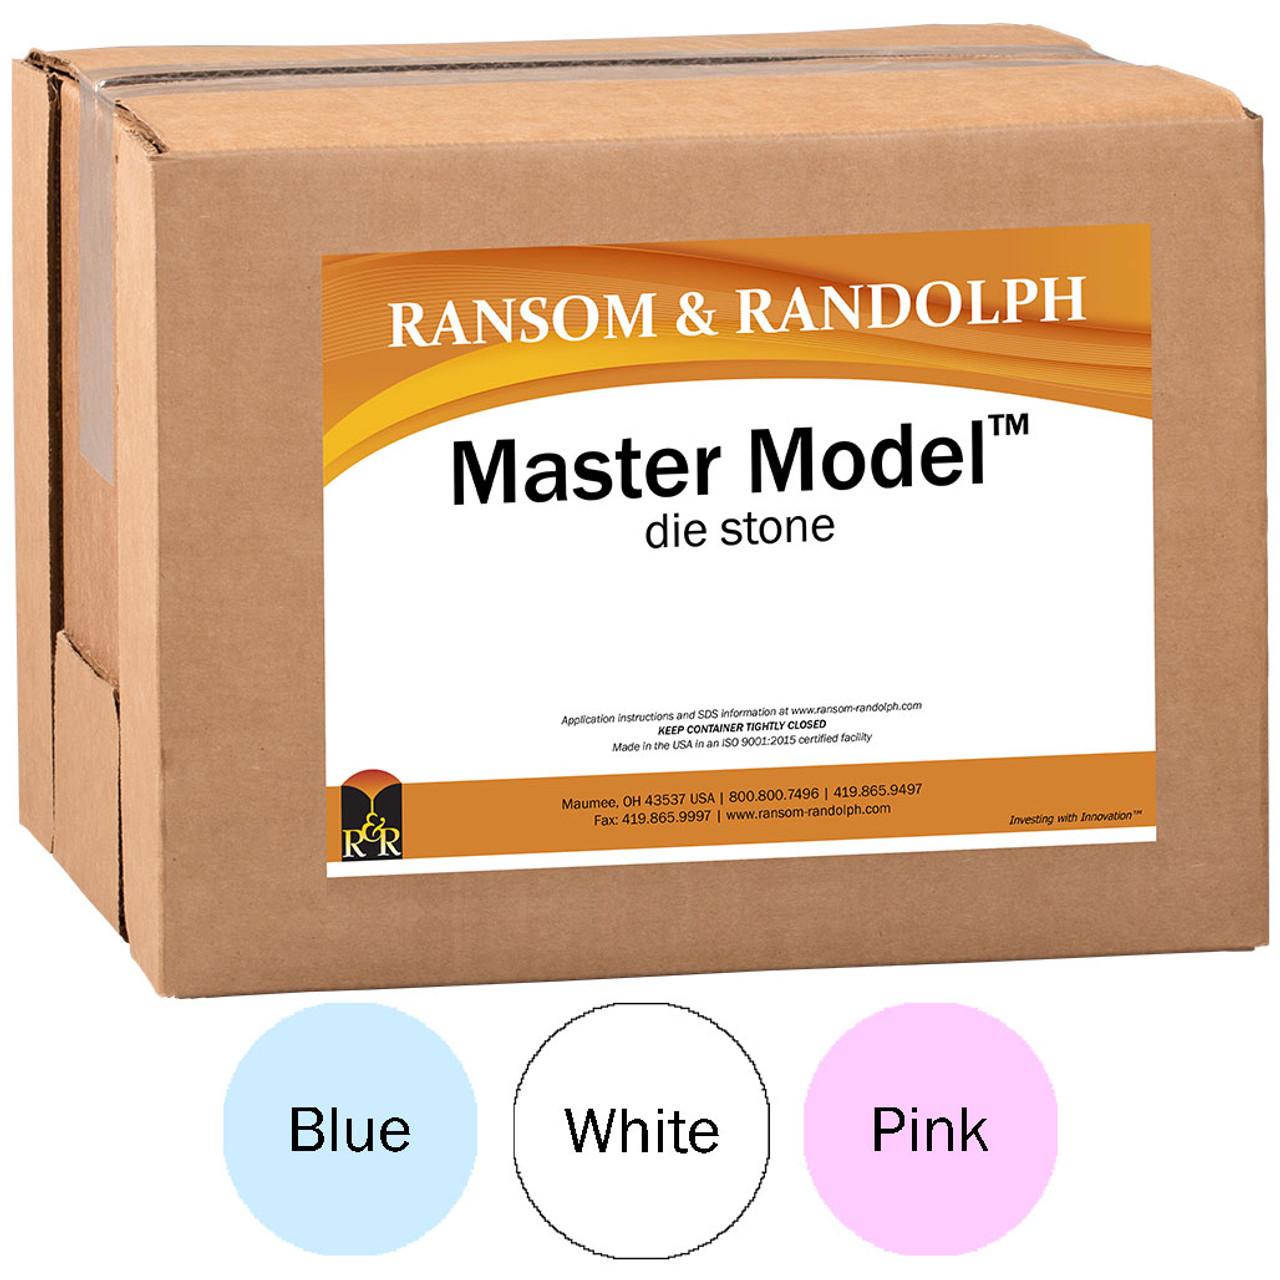 Master Model™ die stone - 44 lbs.